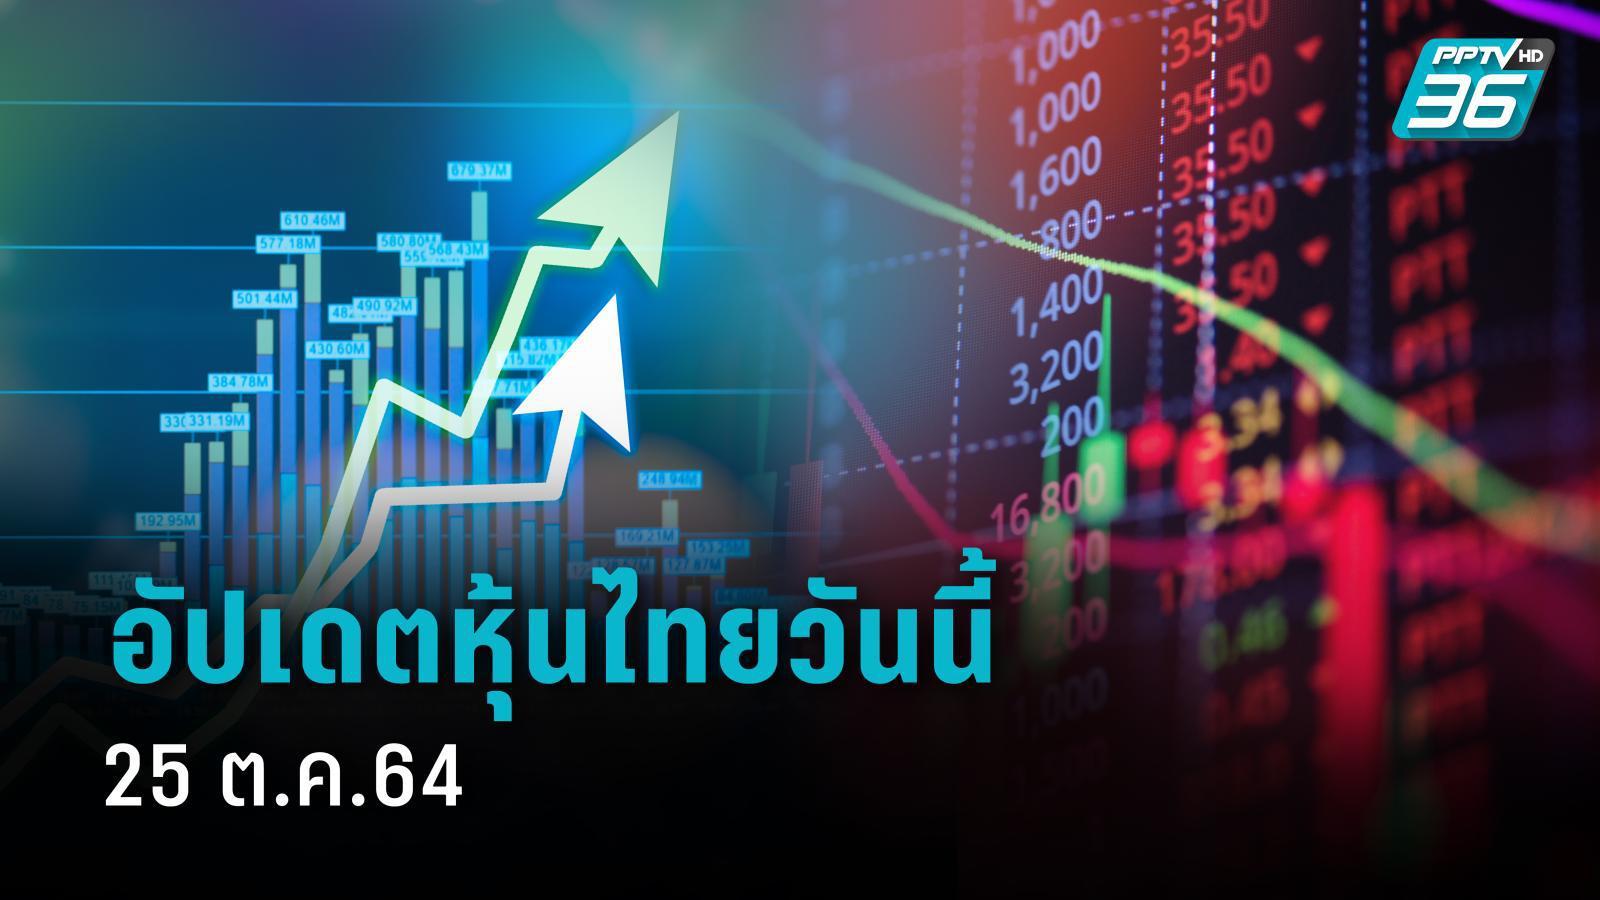 หุ้นไทย (25 ต.ค.64) คาดแกว่งไซด์เวย์ เปิดการซื้อขาย ลดลง -1.58 จุด